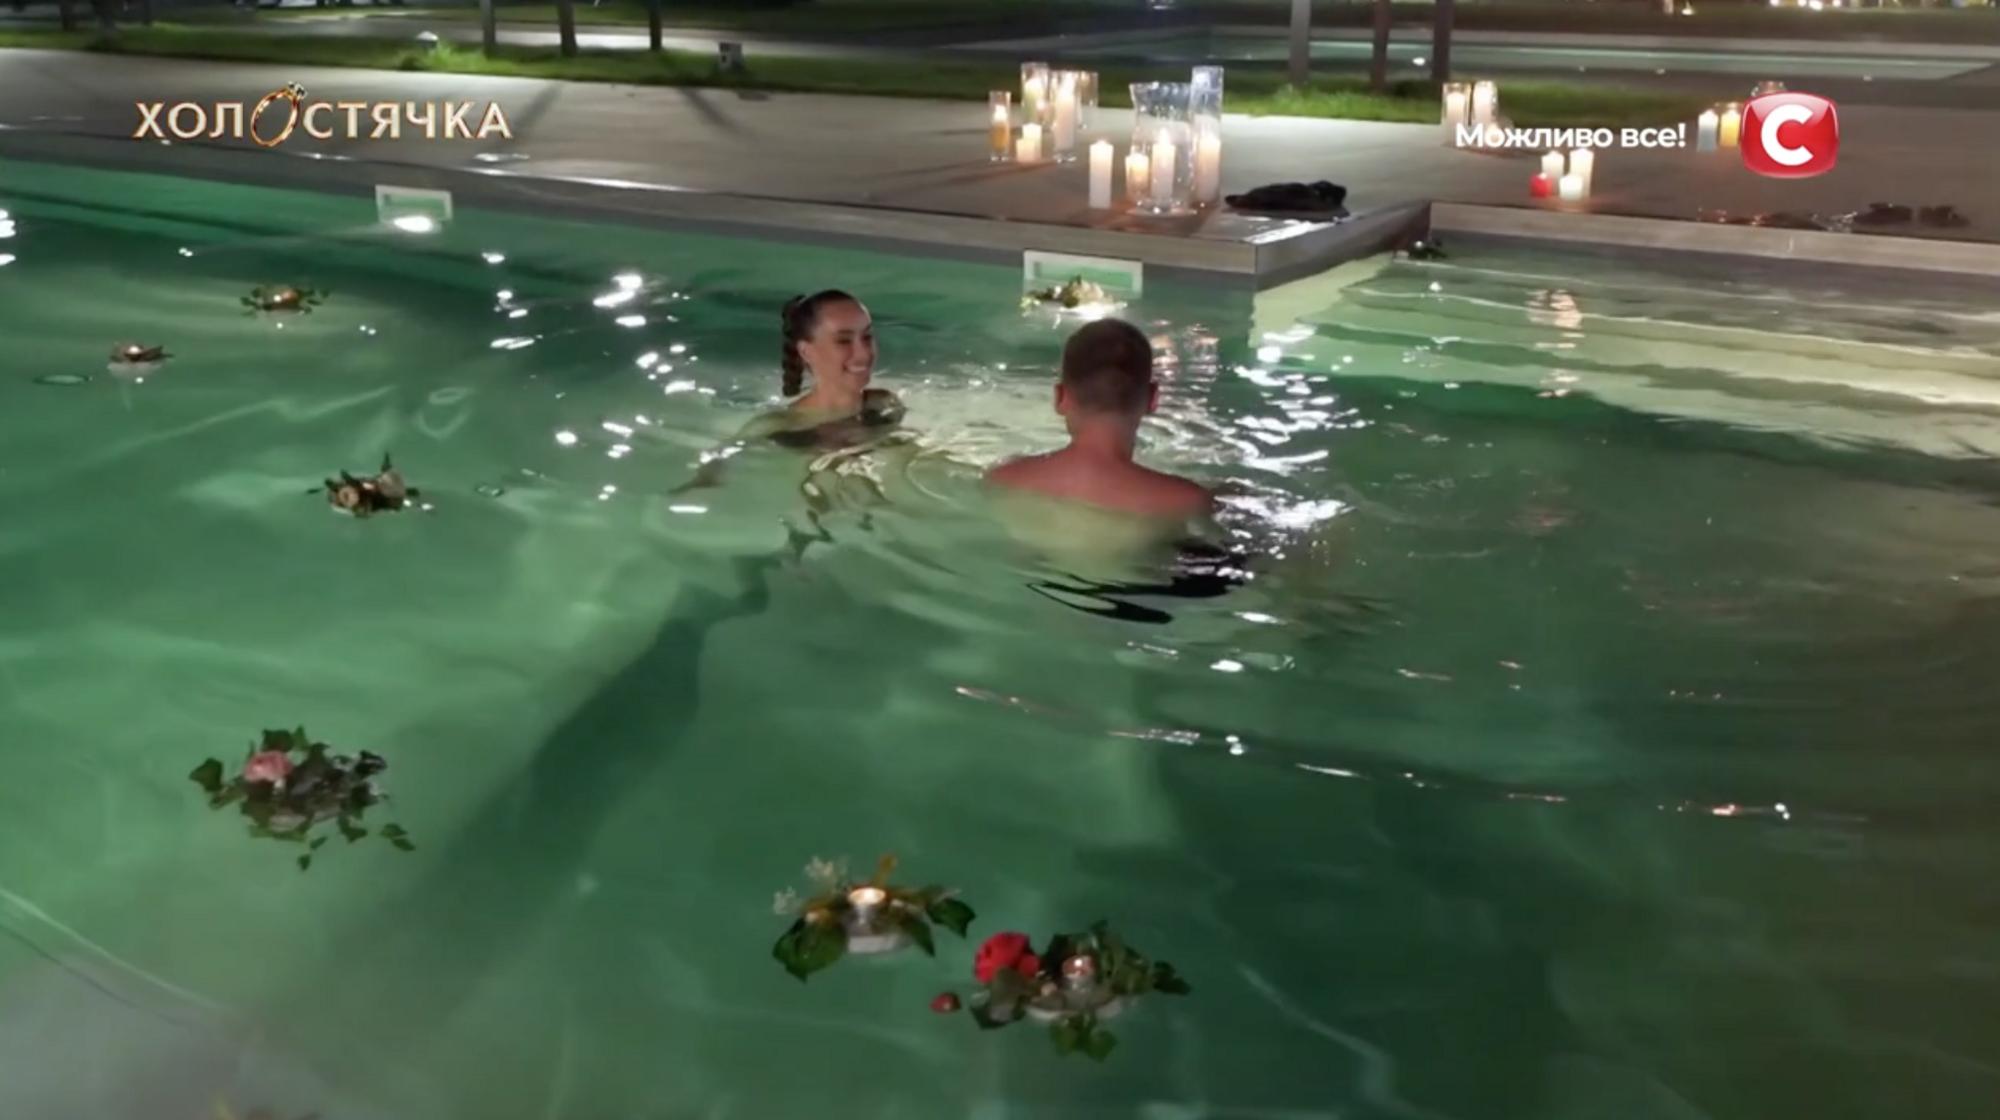 Свидание Ксении и Андрея завершилось в бассейне